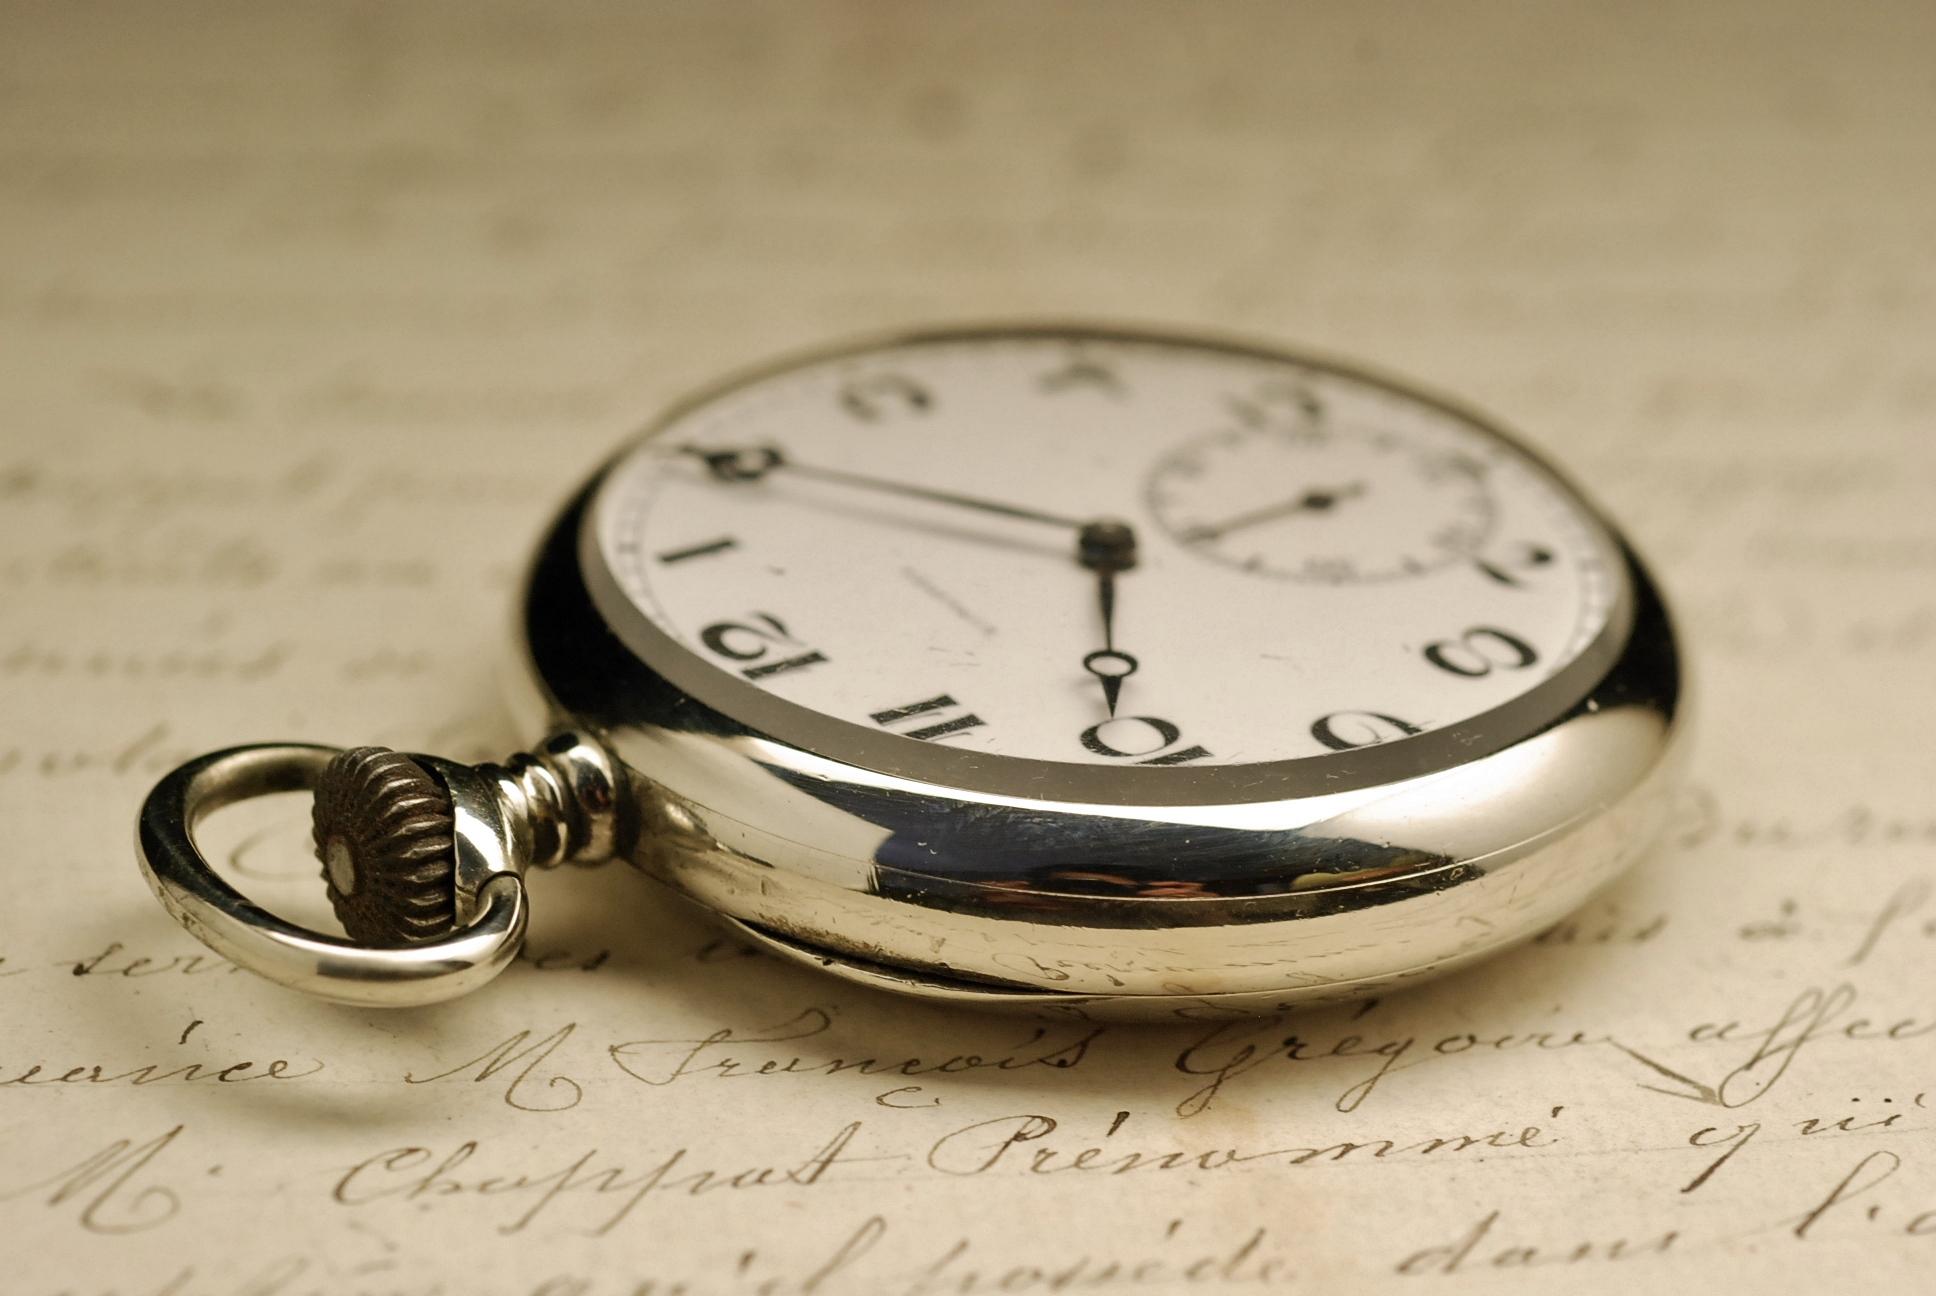 montre ancienne gousset longines 1920 vintage pocket watch. Black Bedroom Furniture Sets. Home Design Ideas